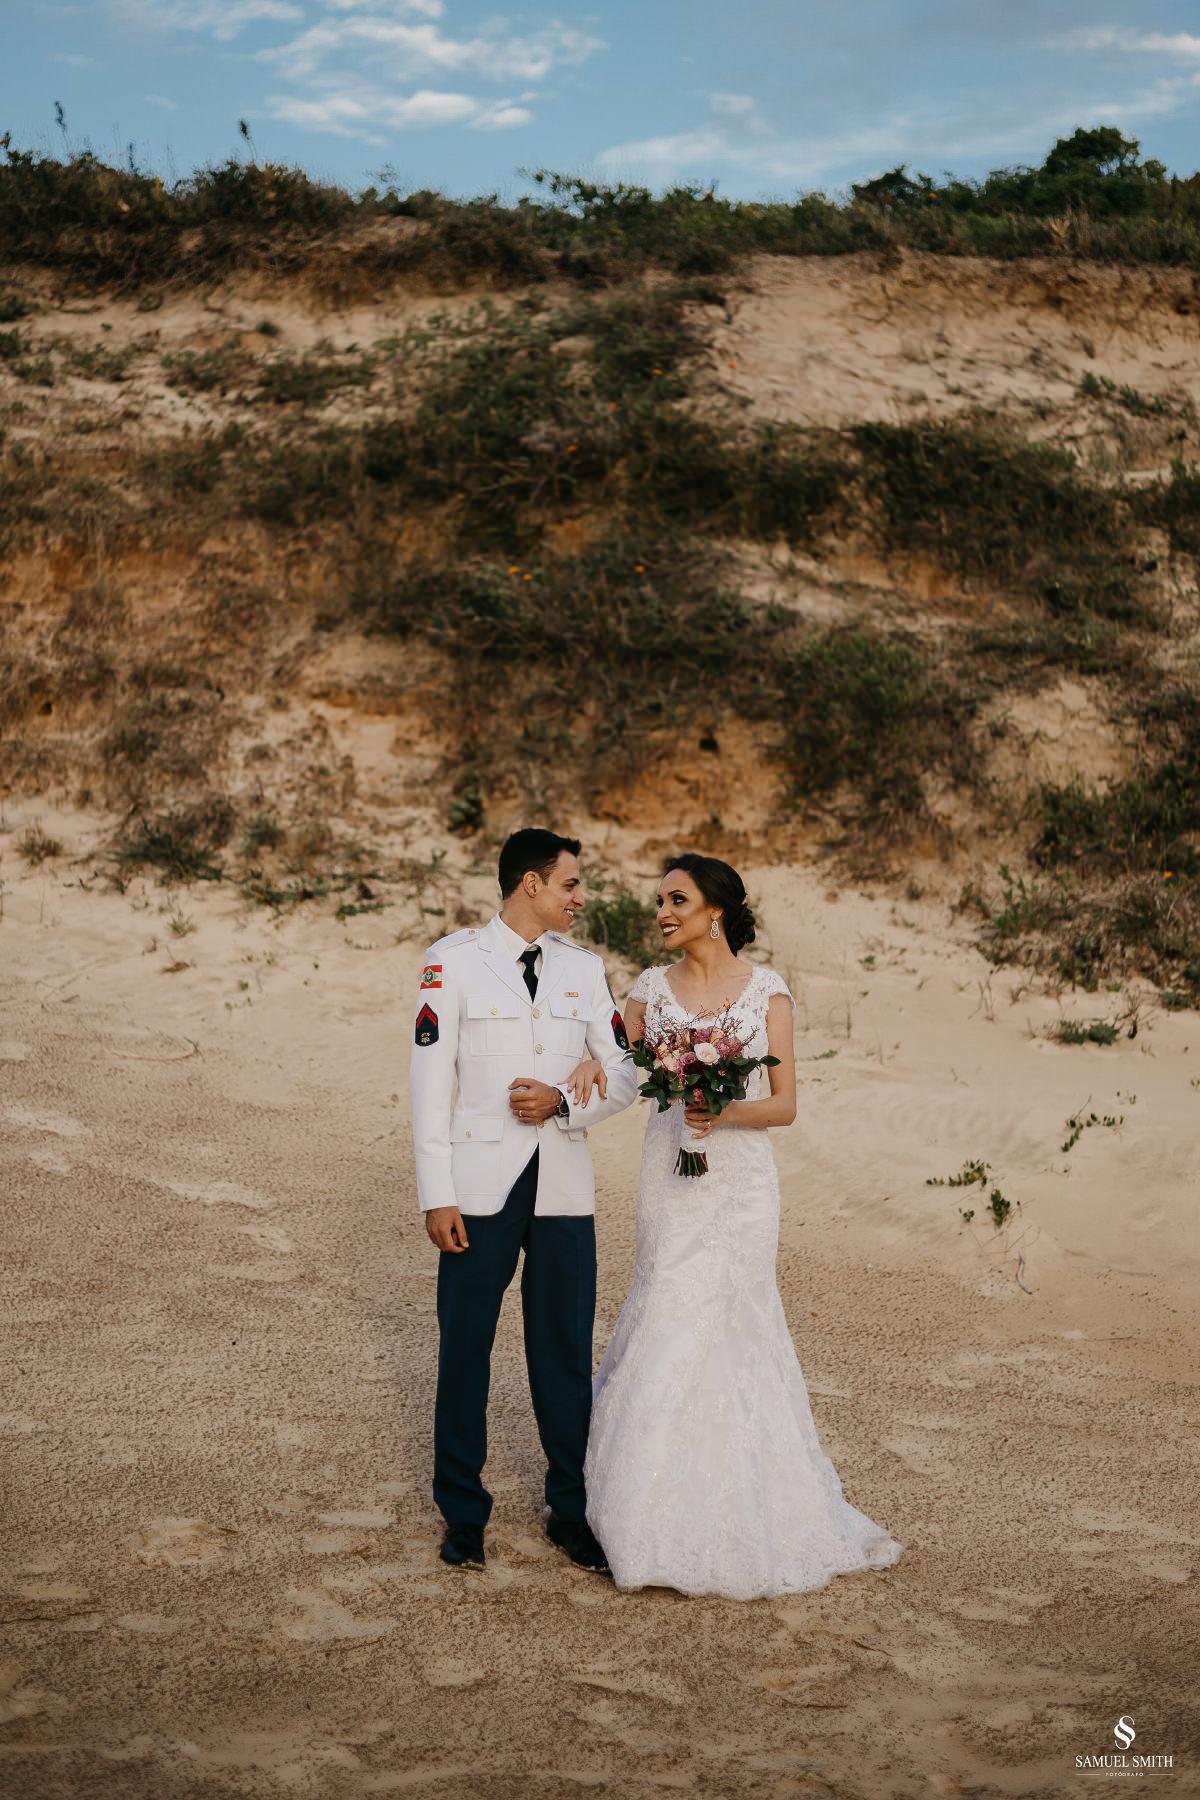 casamento ensaio fotográfico florianópolis praia da joaquina bombeiros floripa book casal noivos fotógrafo (12)